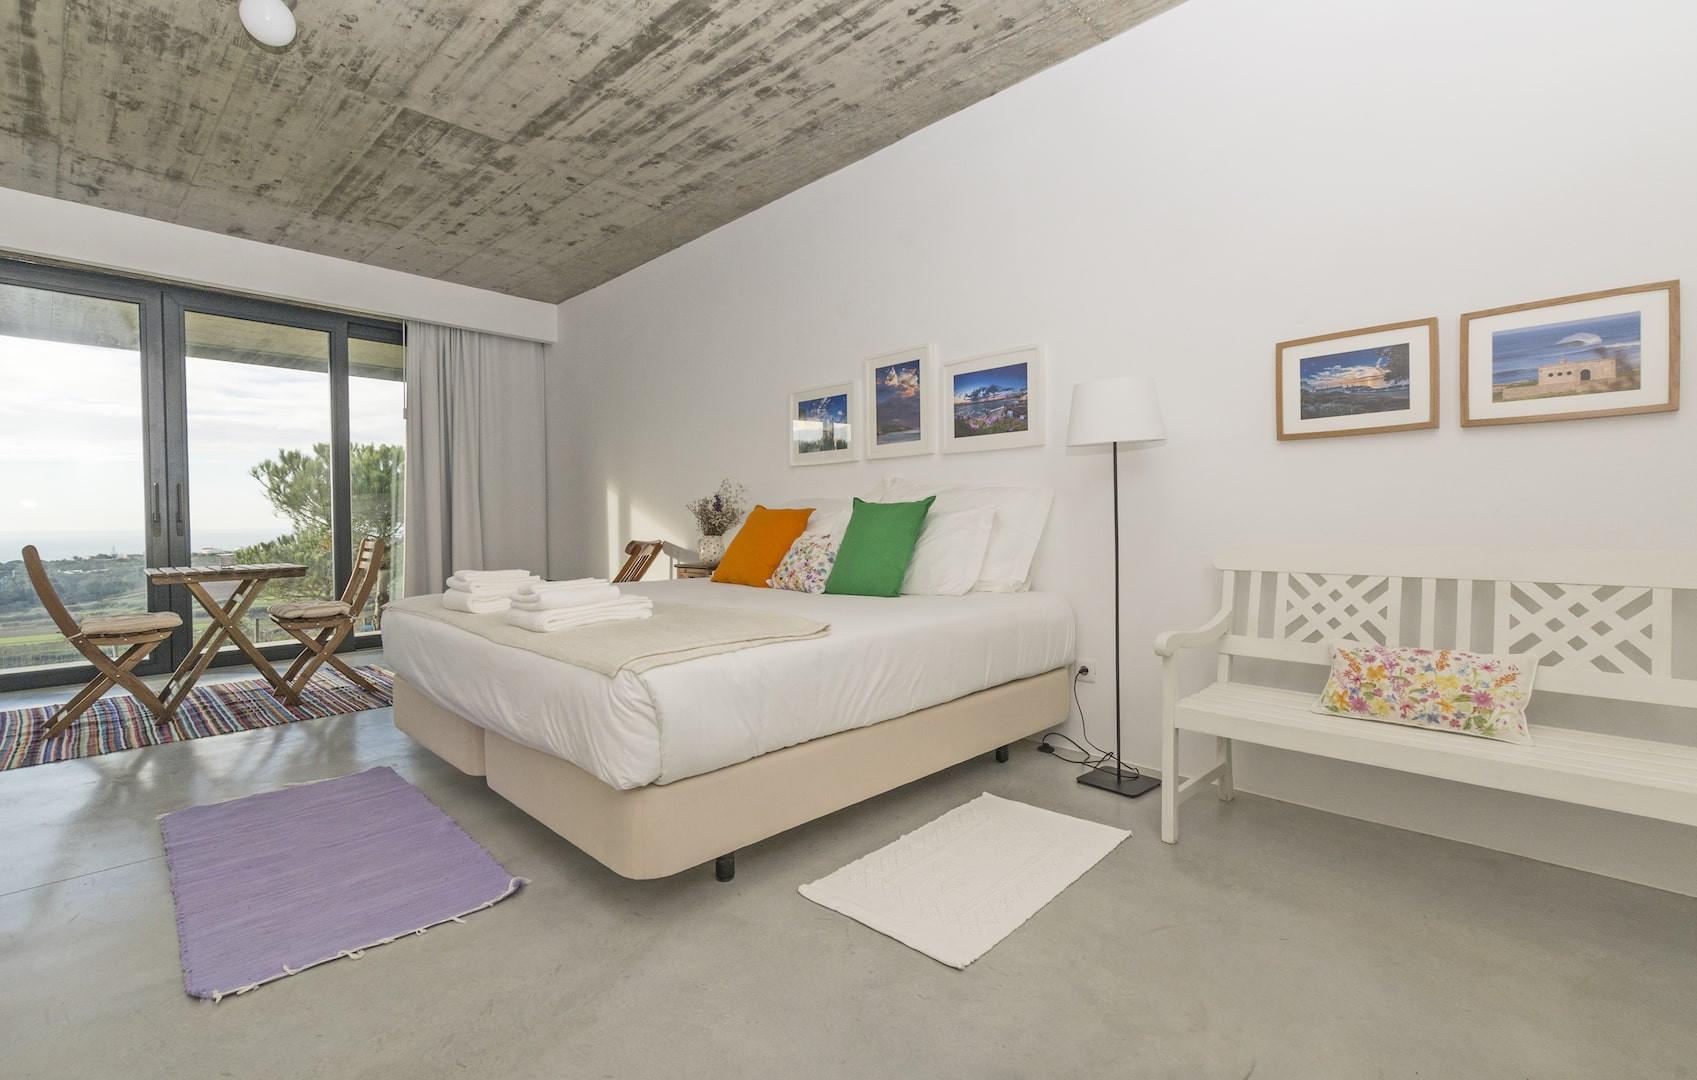 Esta imagem descreve um quarto dentro da Quinta Raposeiros. Este quarto tem uma cama no meio e uma muito boa decoração